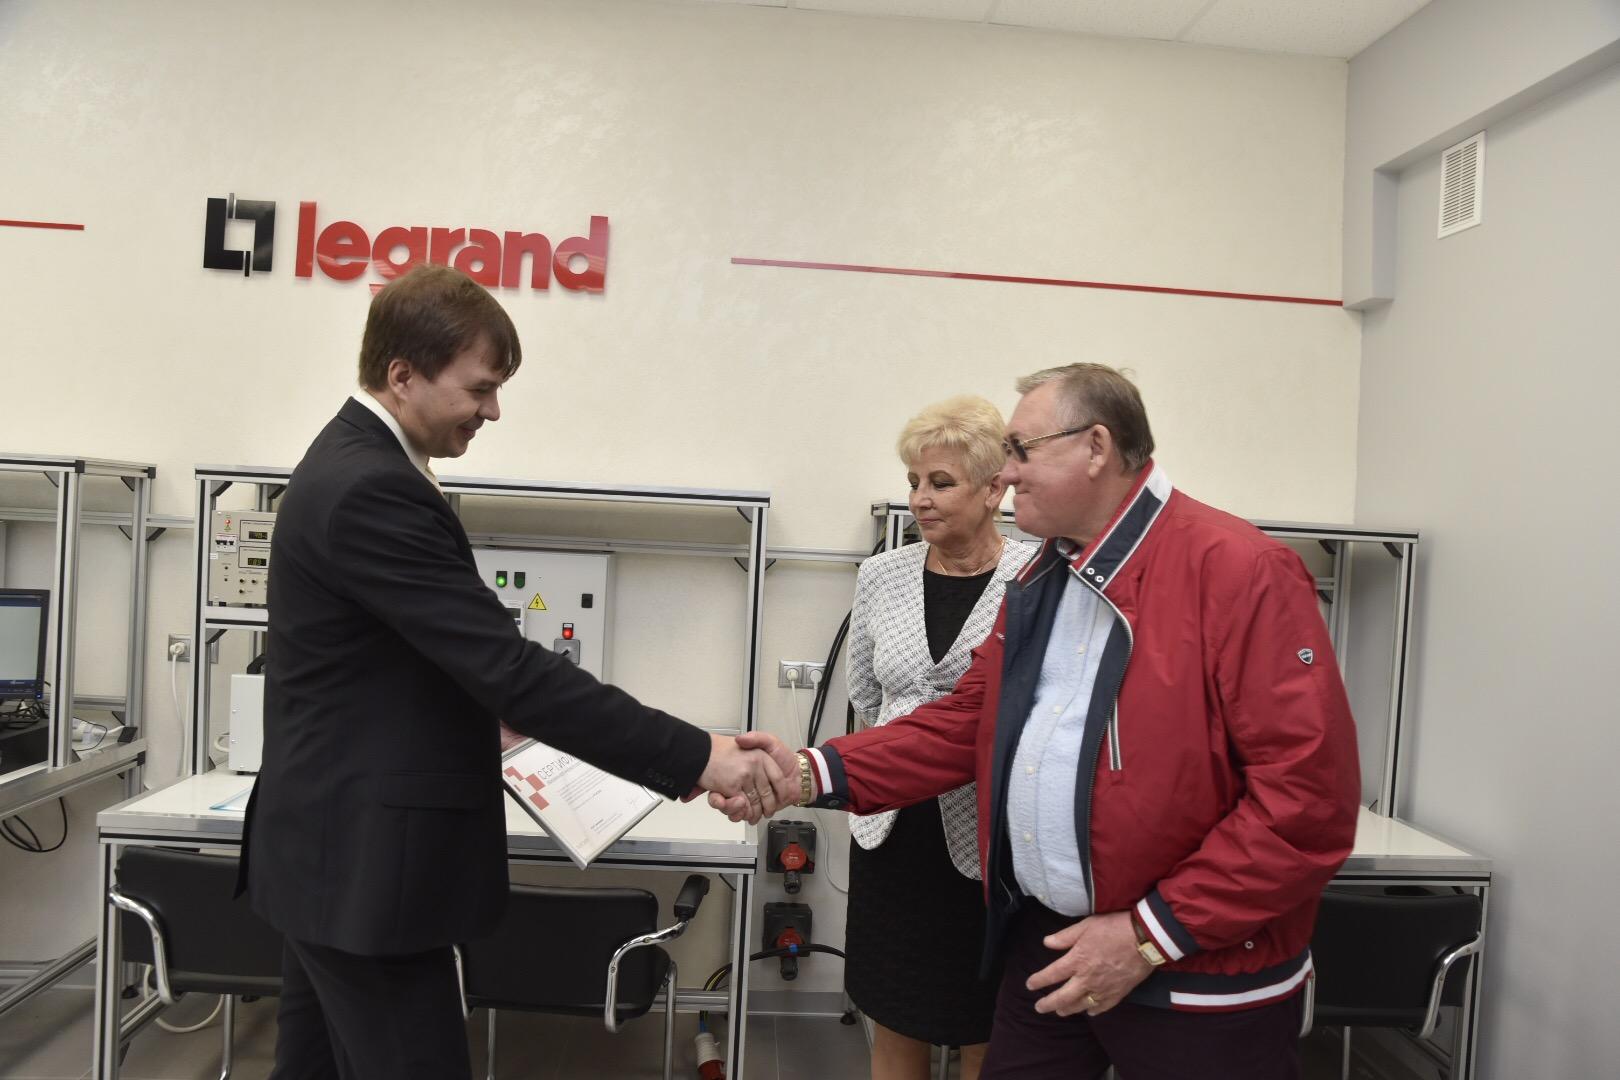 Legrand открыл учебный класс по системам электроснабжения для студентов УлГТУ